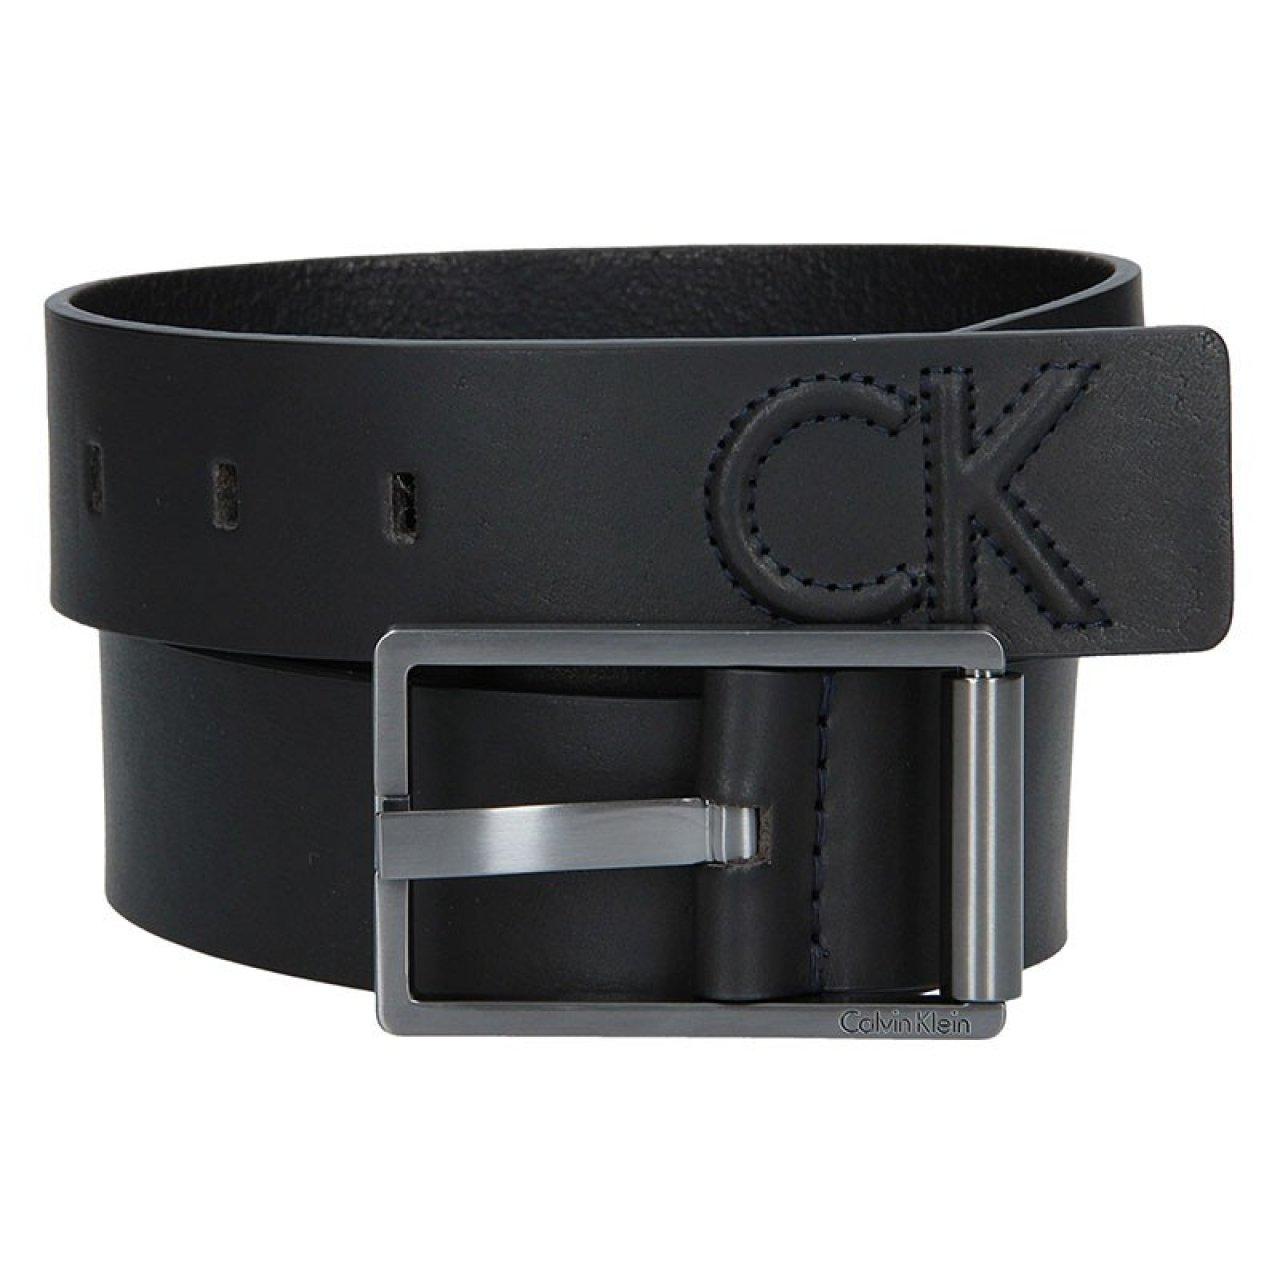 2da20242a2ff Černý kožený pánský opasek Calvin Klein Laurent